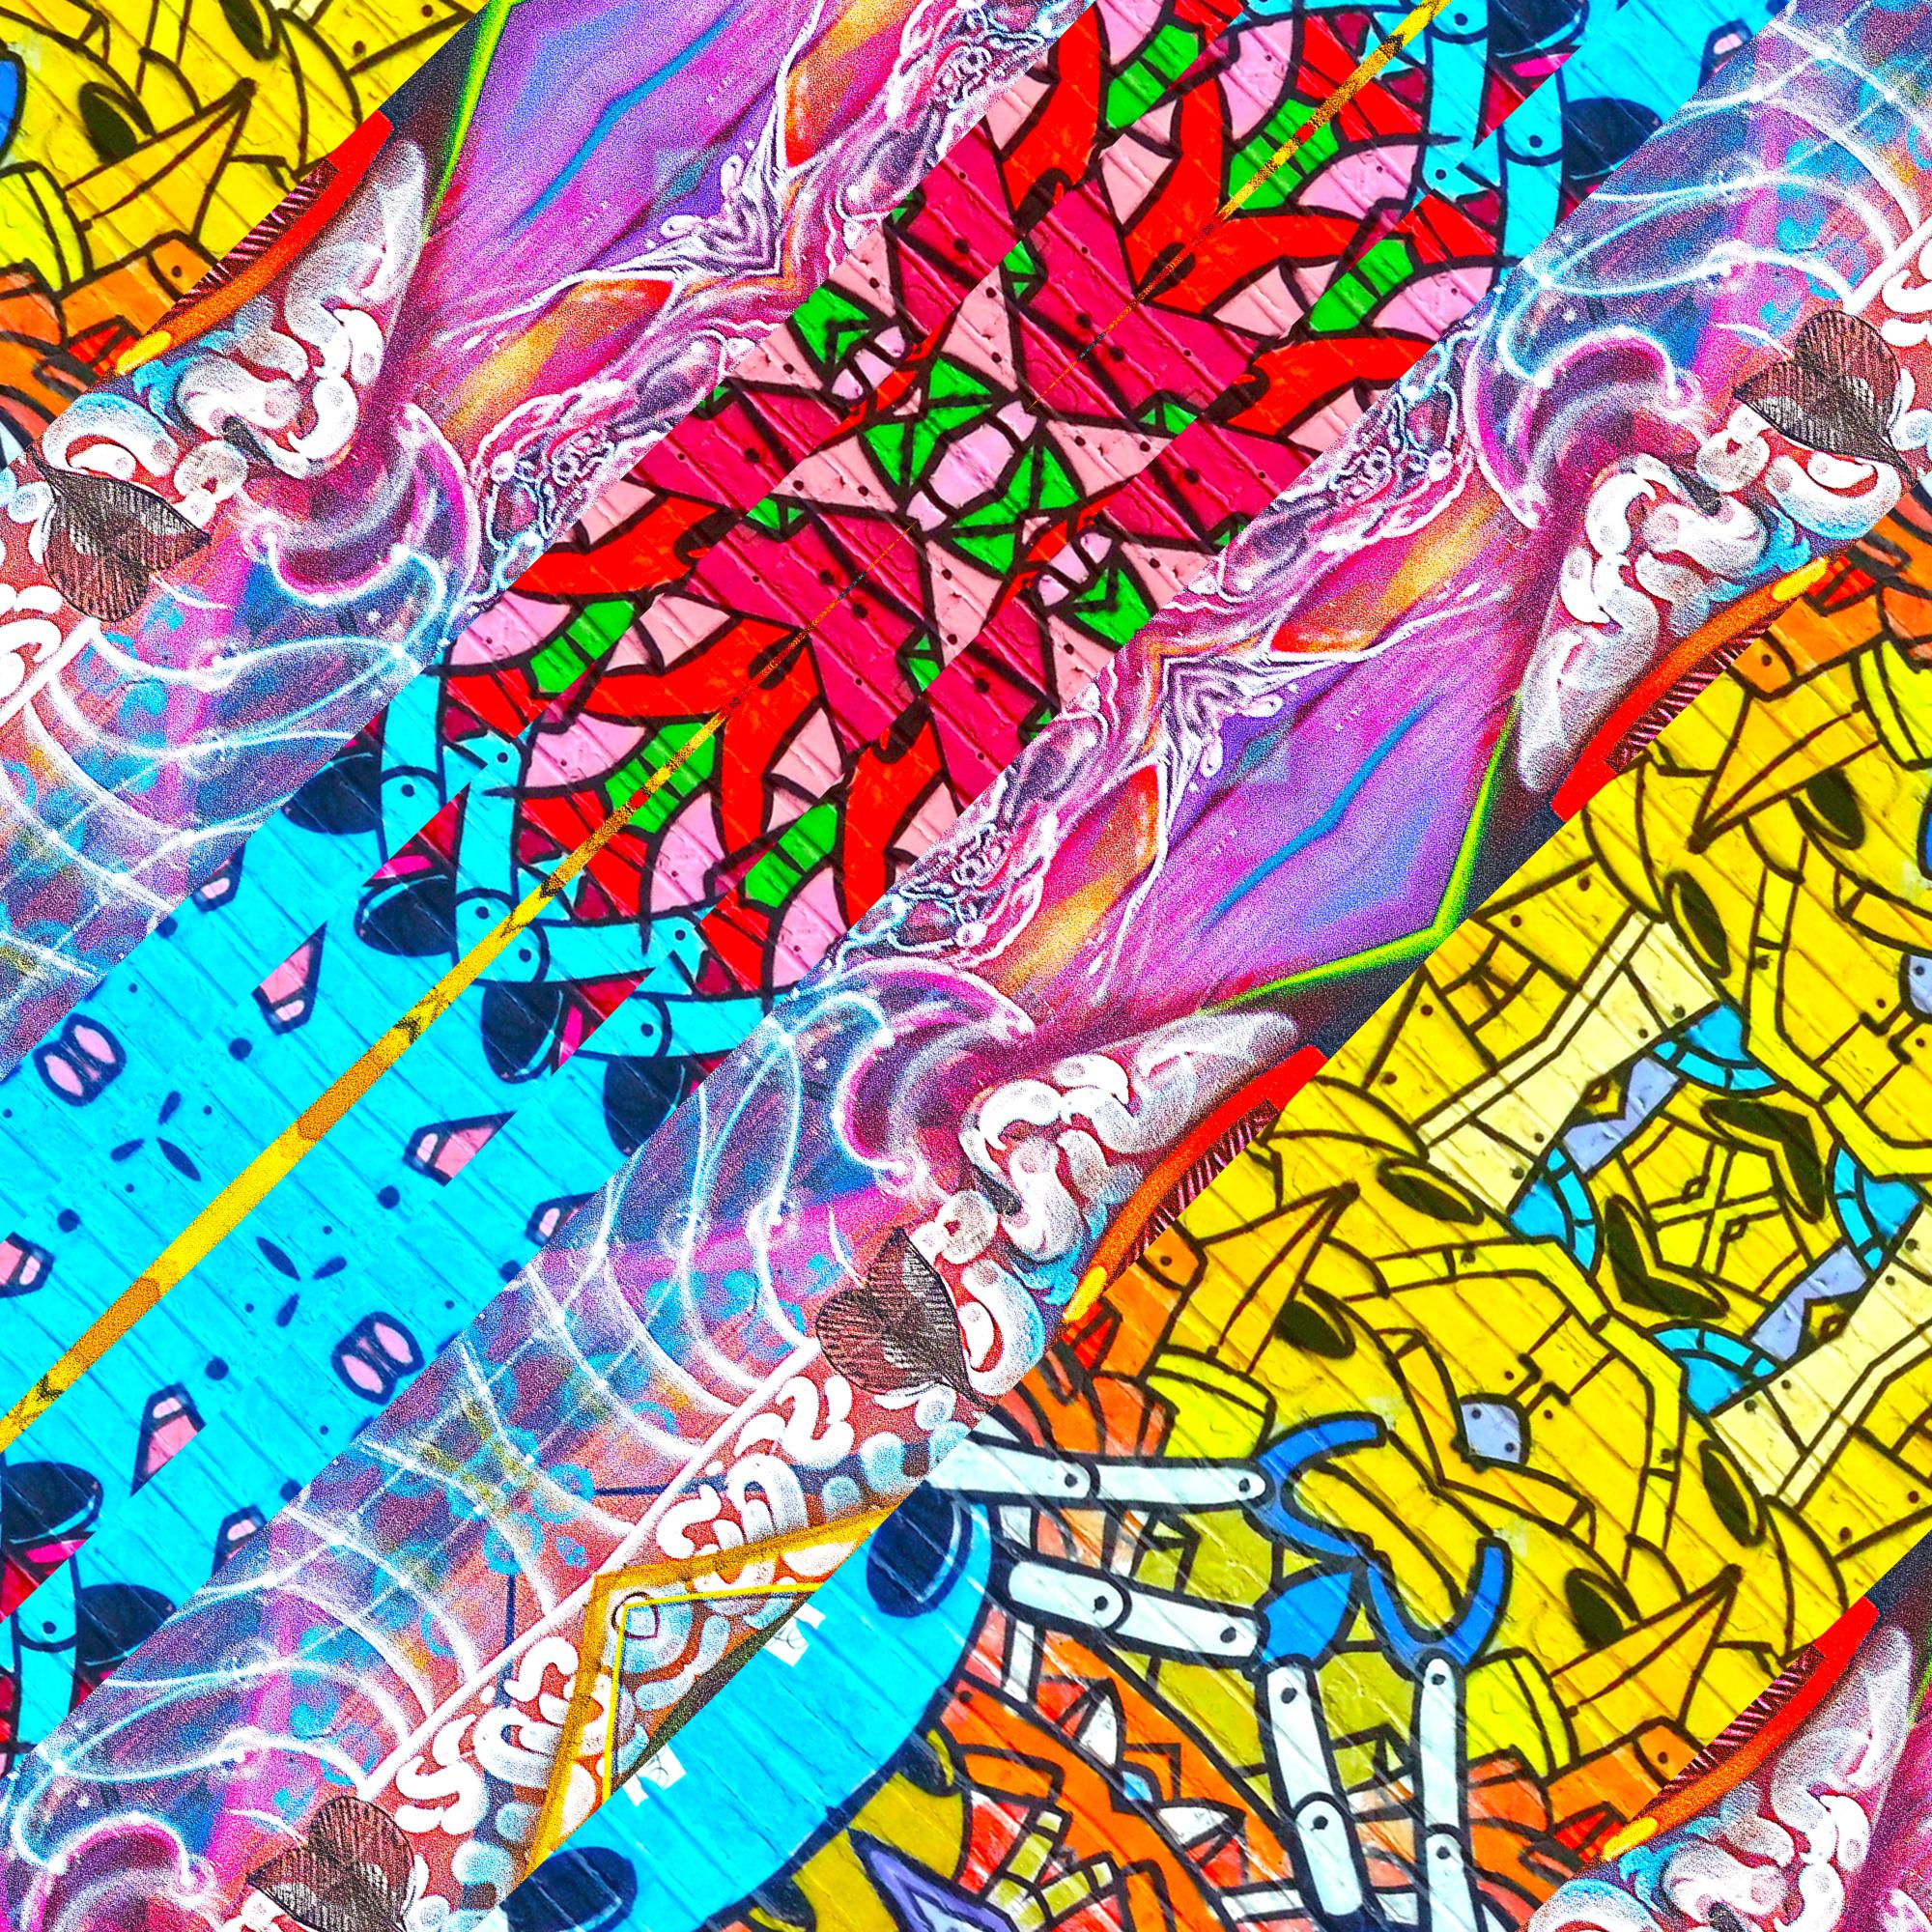 カートゥーンポップ&カラフルコミックス壁紙